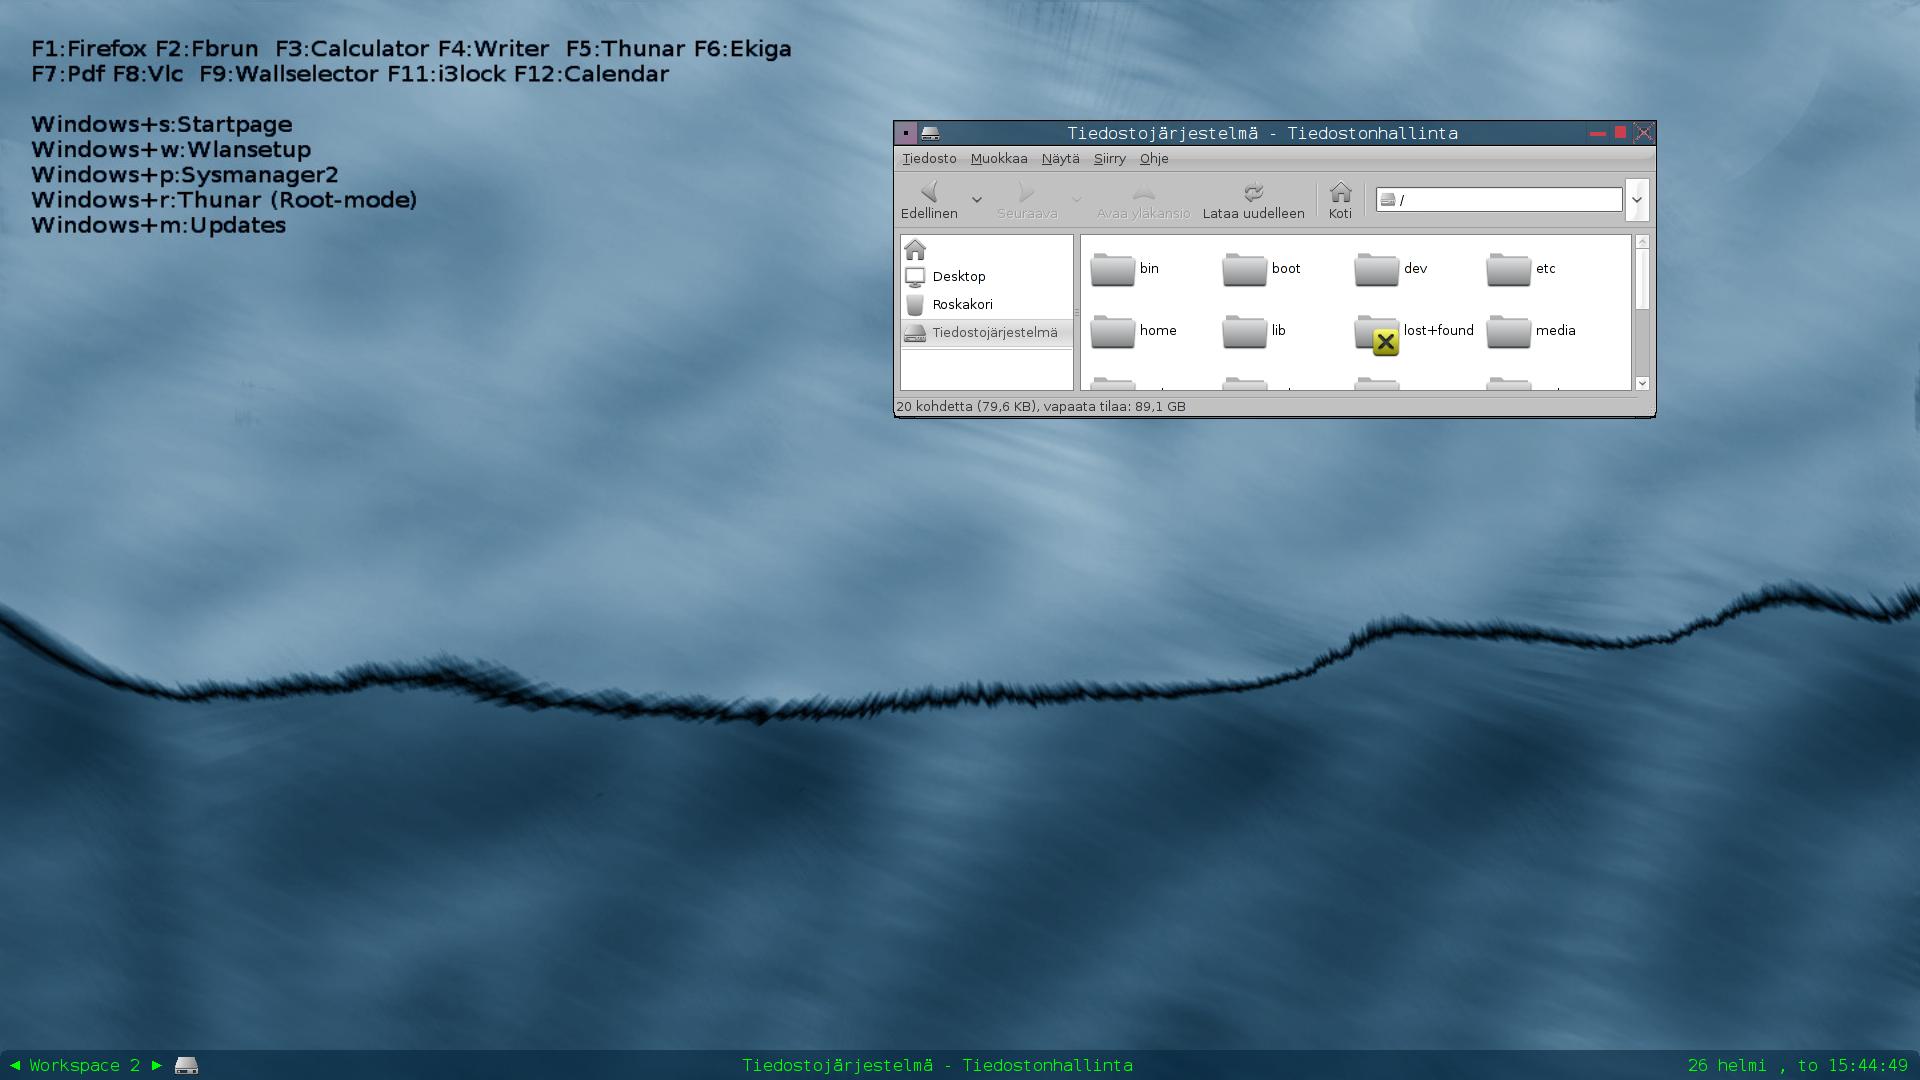 Audax 0.1.4 desktop with an alternative outlook.